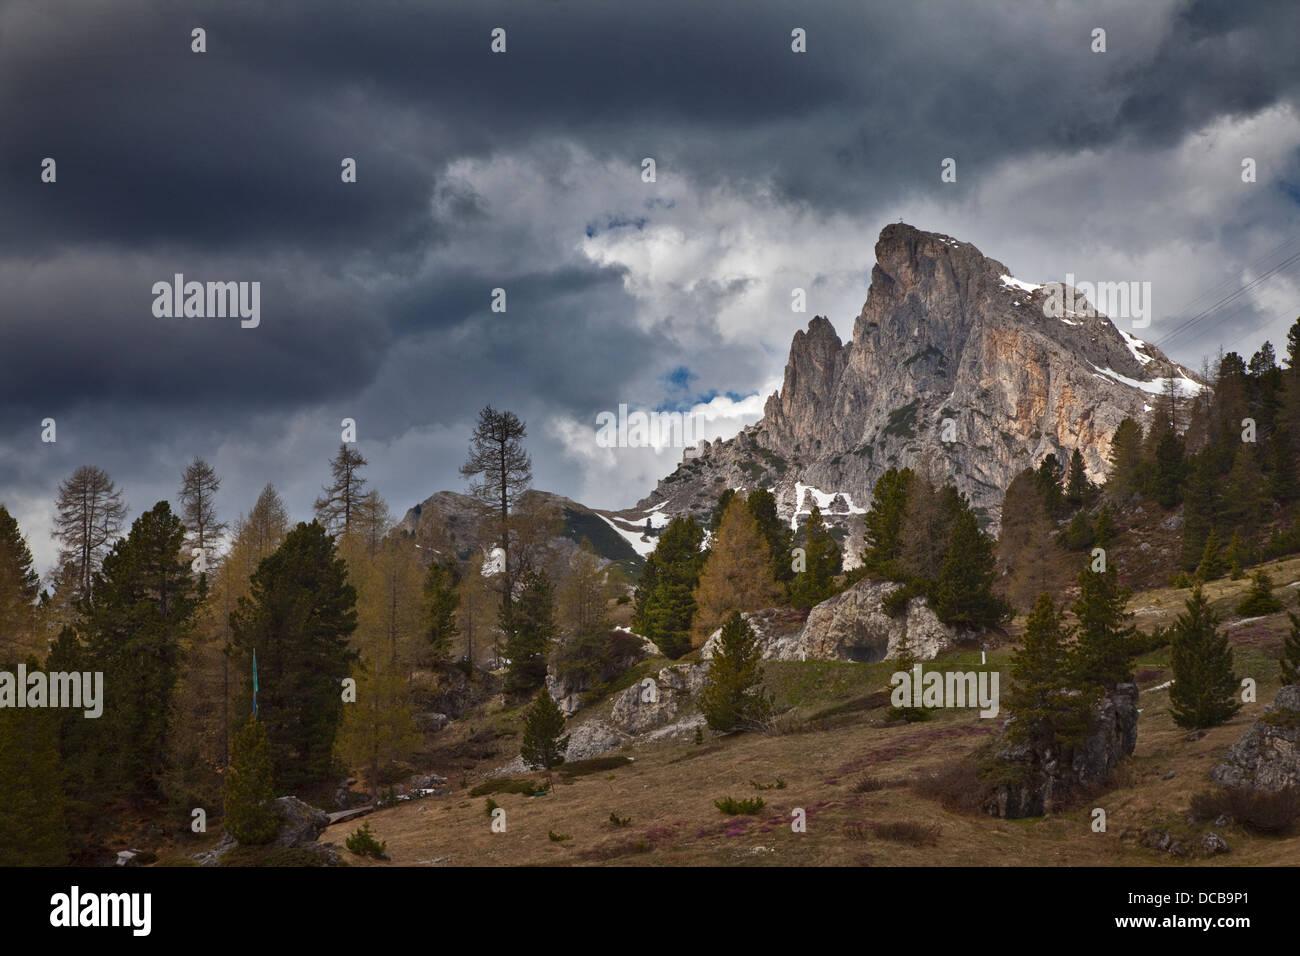 Sass di Stria, Falzarego Pass, Dolomites, Italy - Stock Image